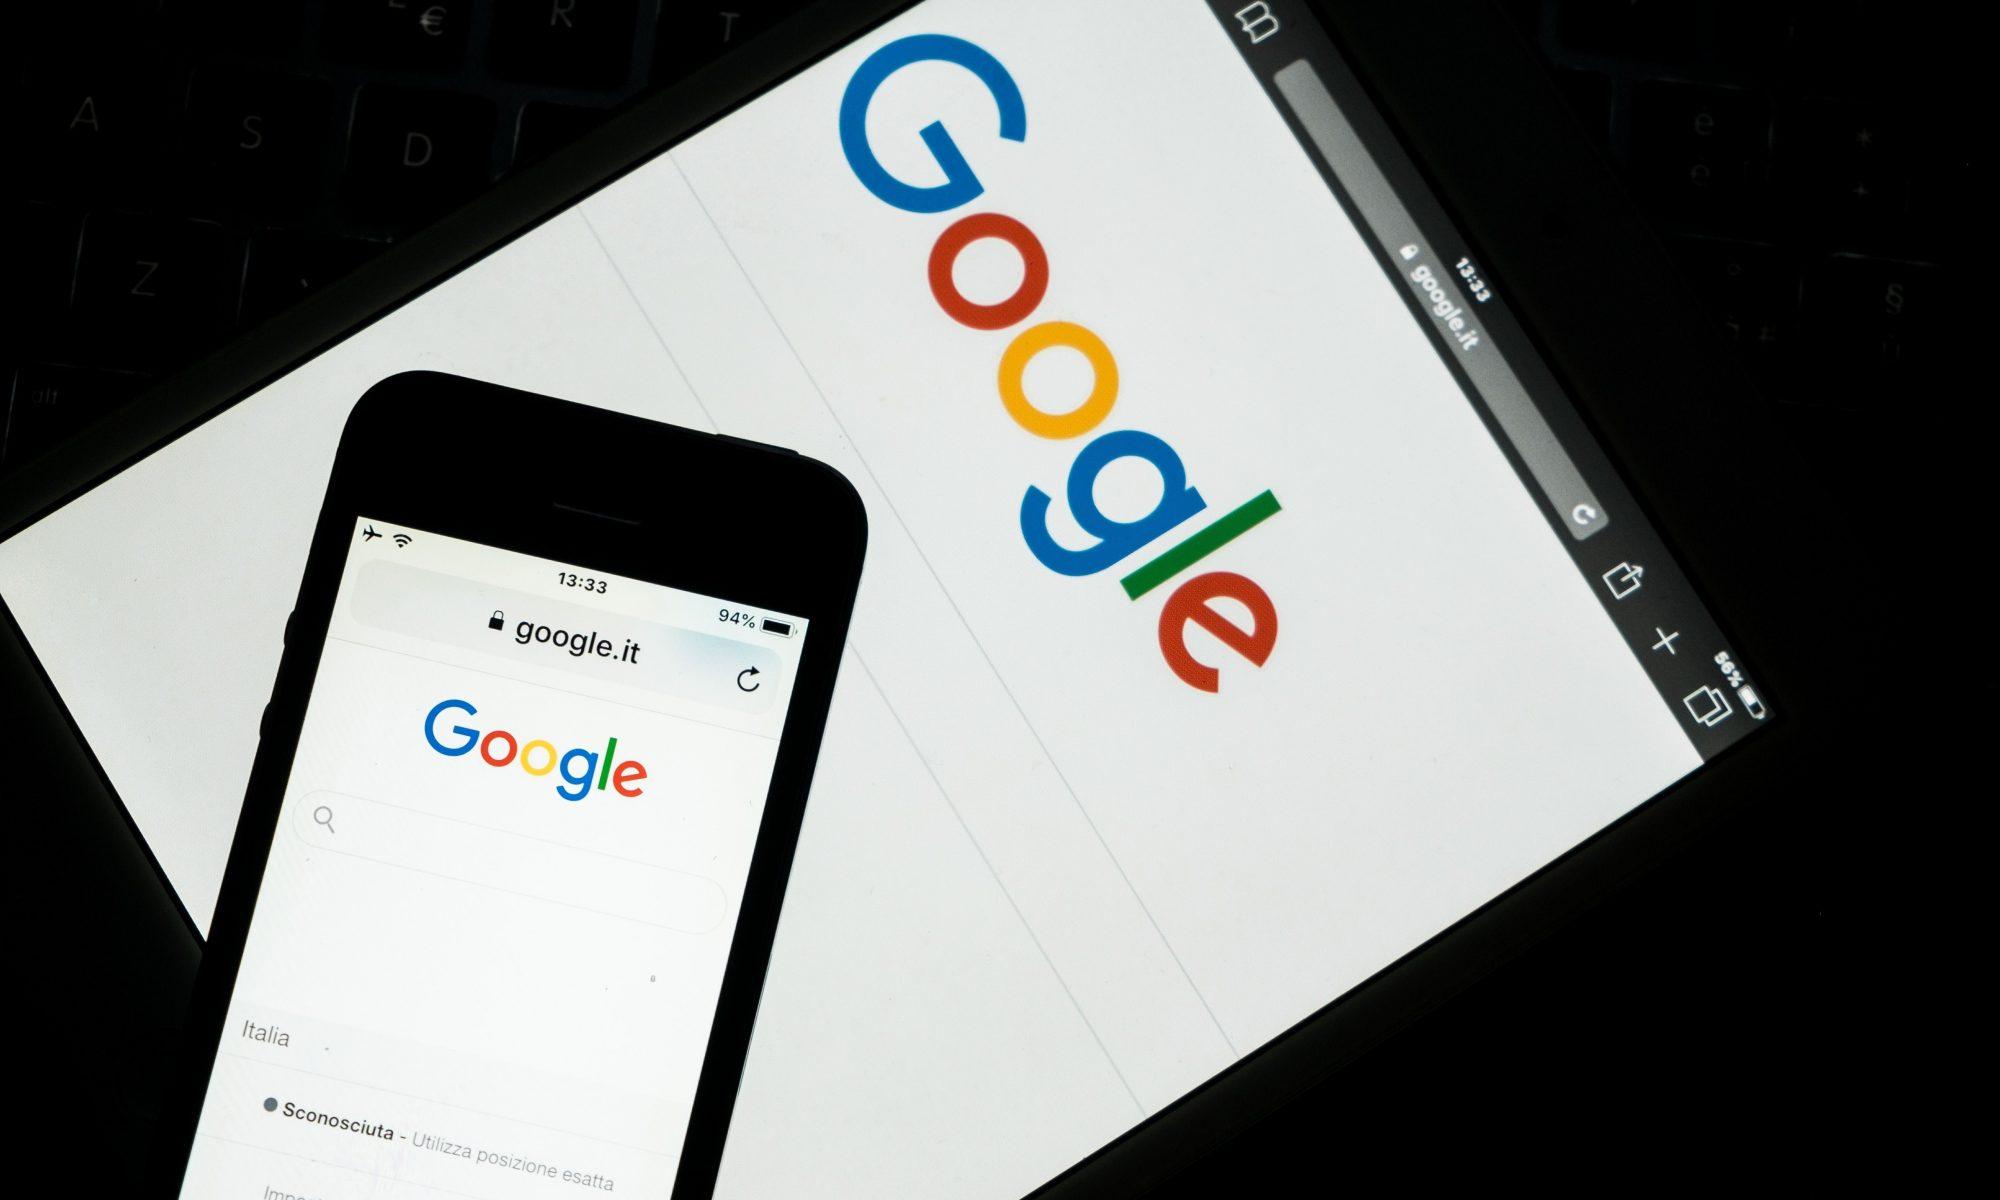 Google quiere proteger su historial de navegación con autenticación de dos factores